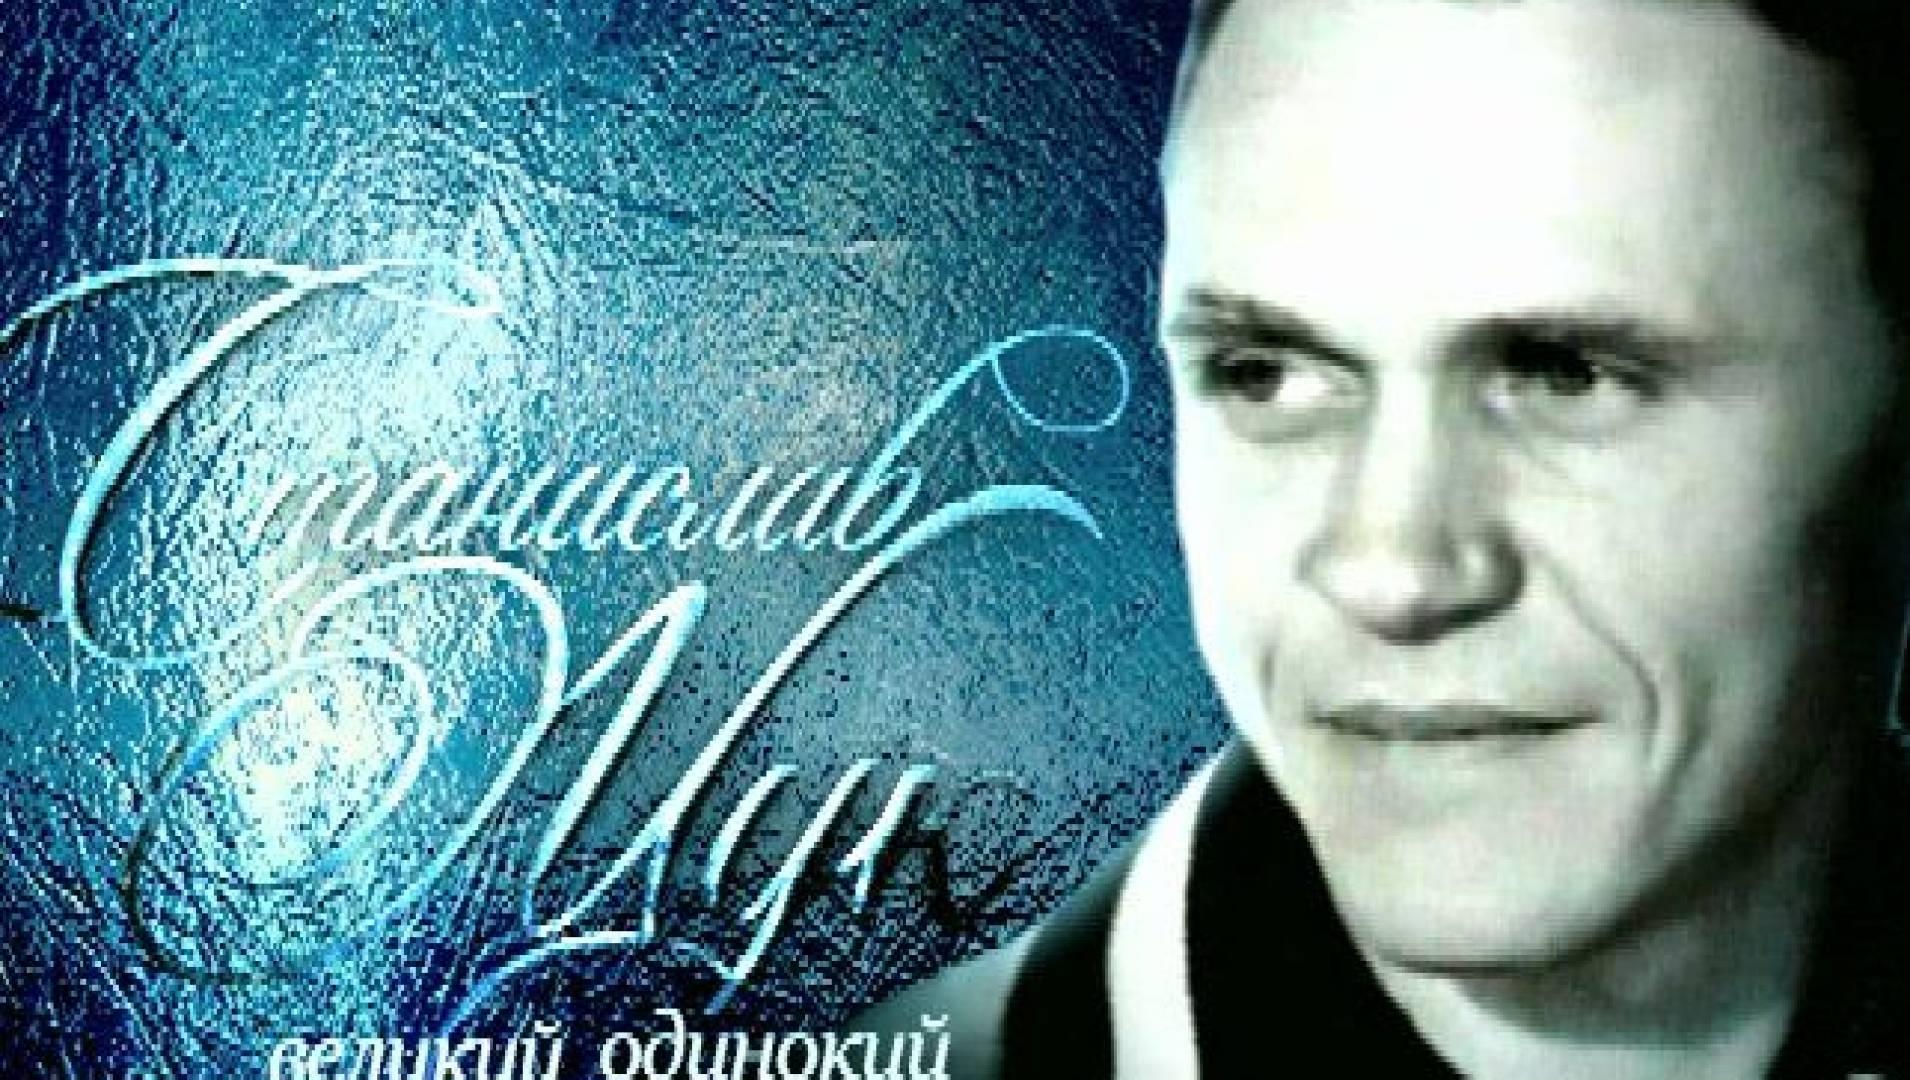 Станислав Жук. Великий одинокий - Документальная, Программа